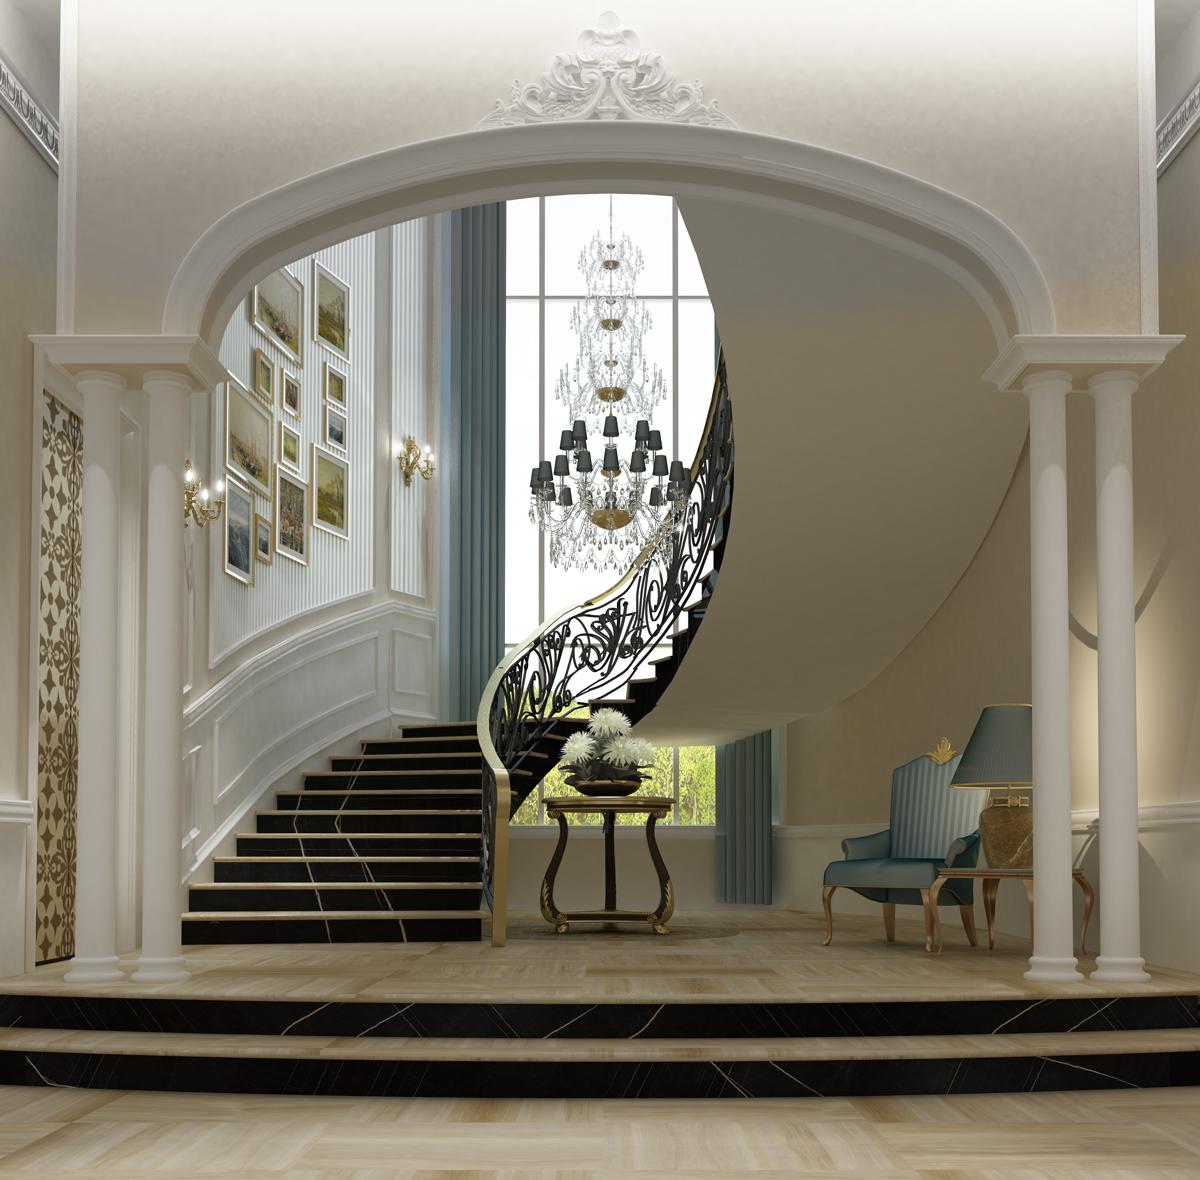 Chic Foyer for Villa Design Ideas